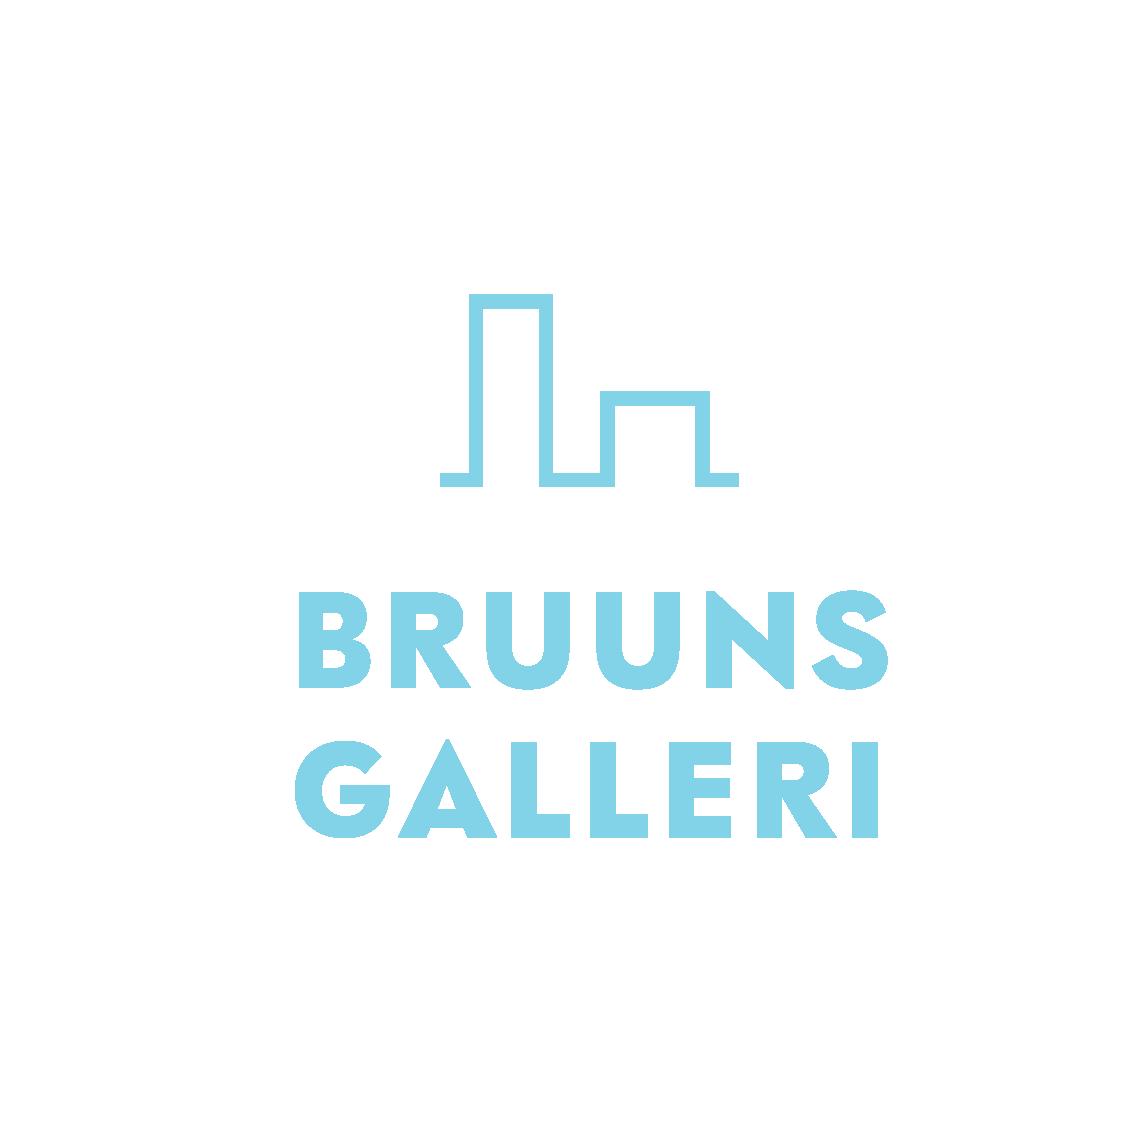 Bruun's Galleri logo - Abrella Byparaplyer